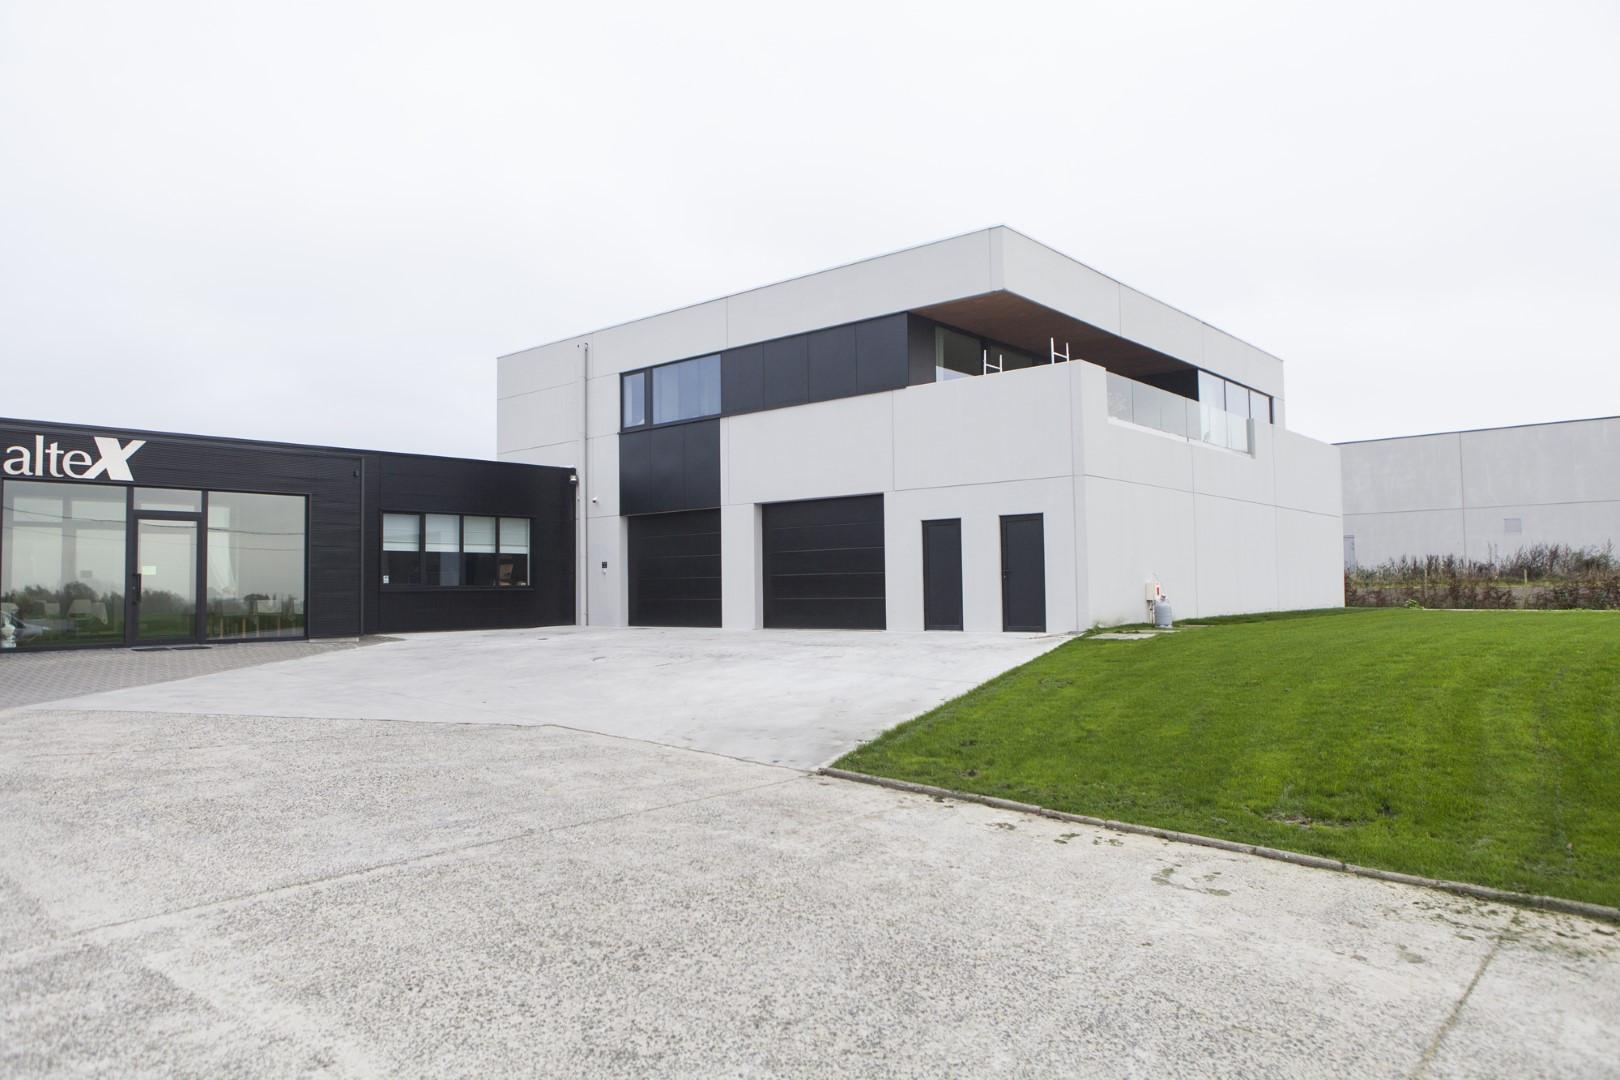 Altex_Sint Eloois Winkel_industriegebouw_werkplaats_atelier_toonzaal_burelen_woning (17).jpg